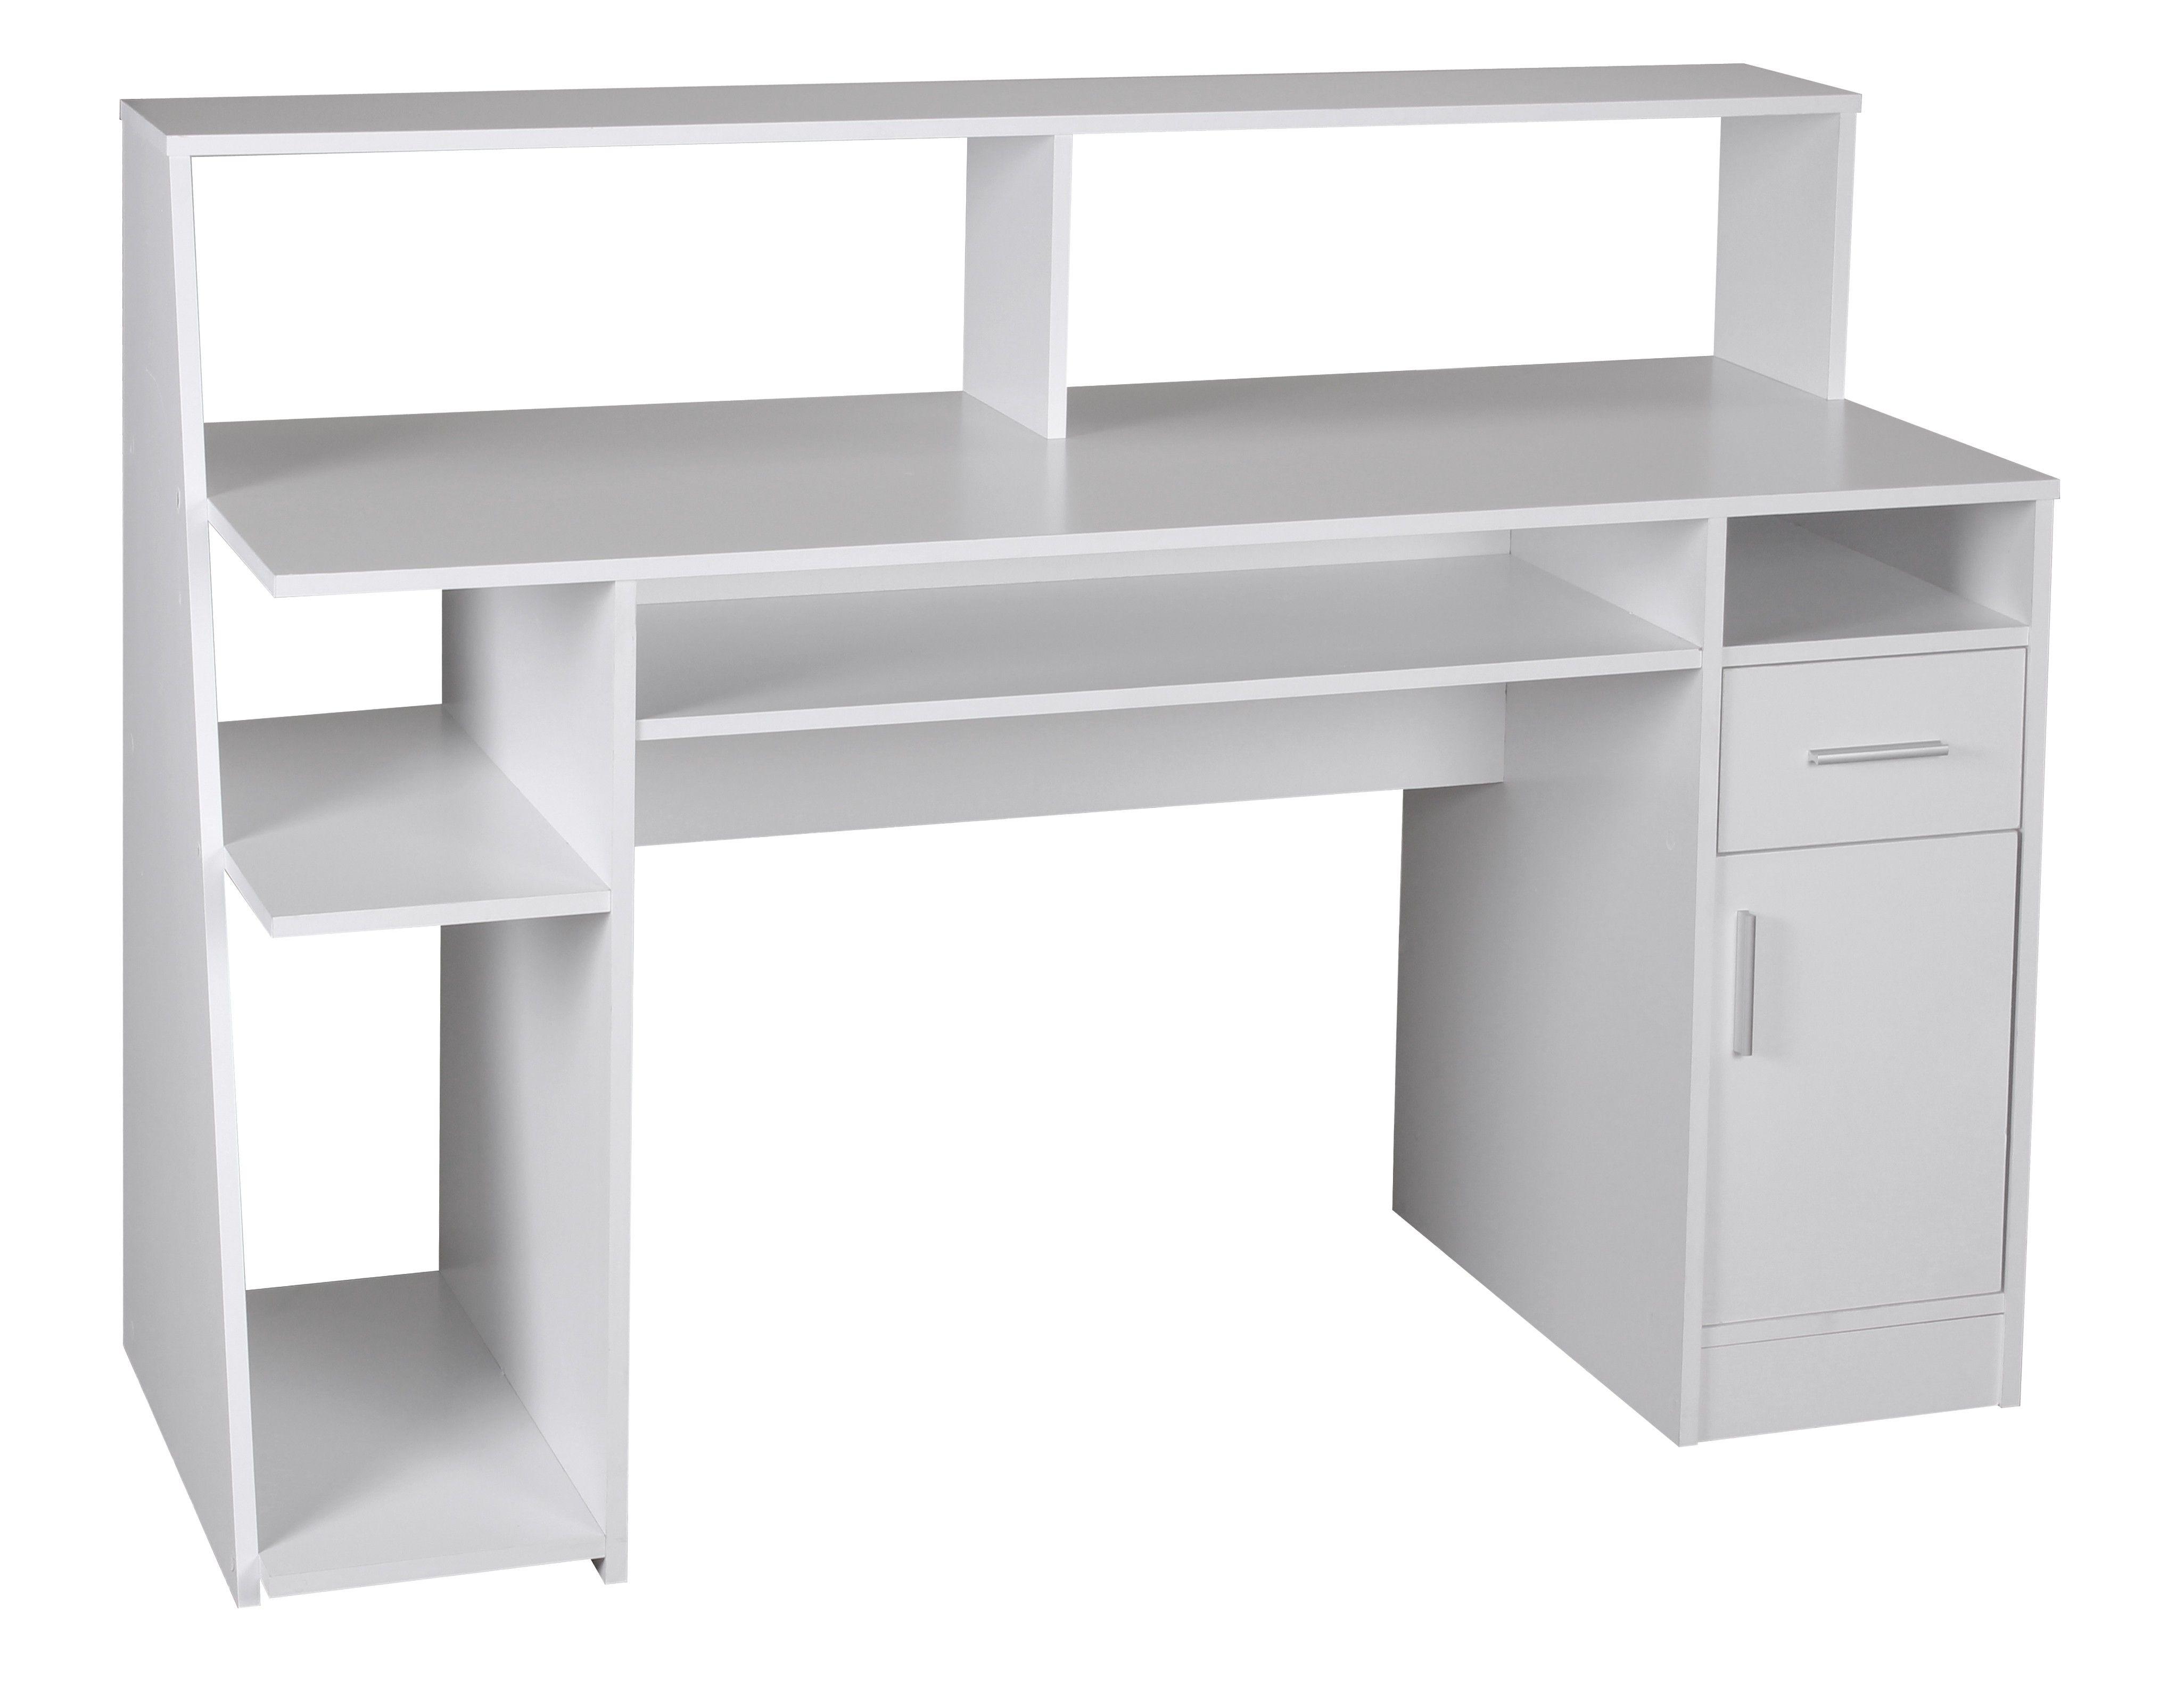 Multifunktion Schreibtisch Computertisch Weiss 135 X 60 X 100 Cm